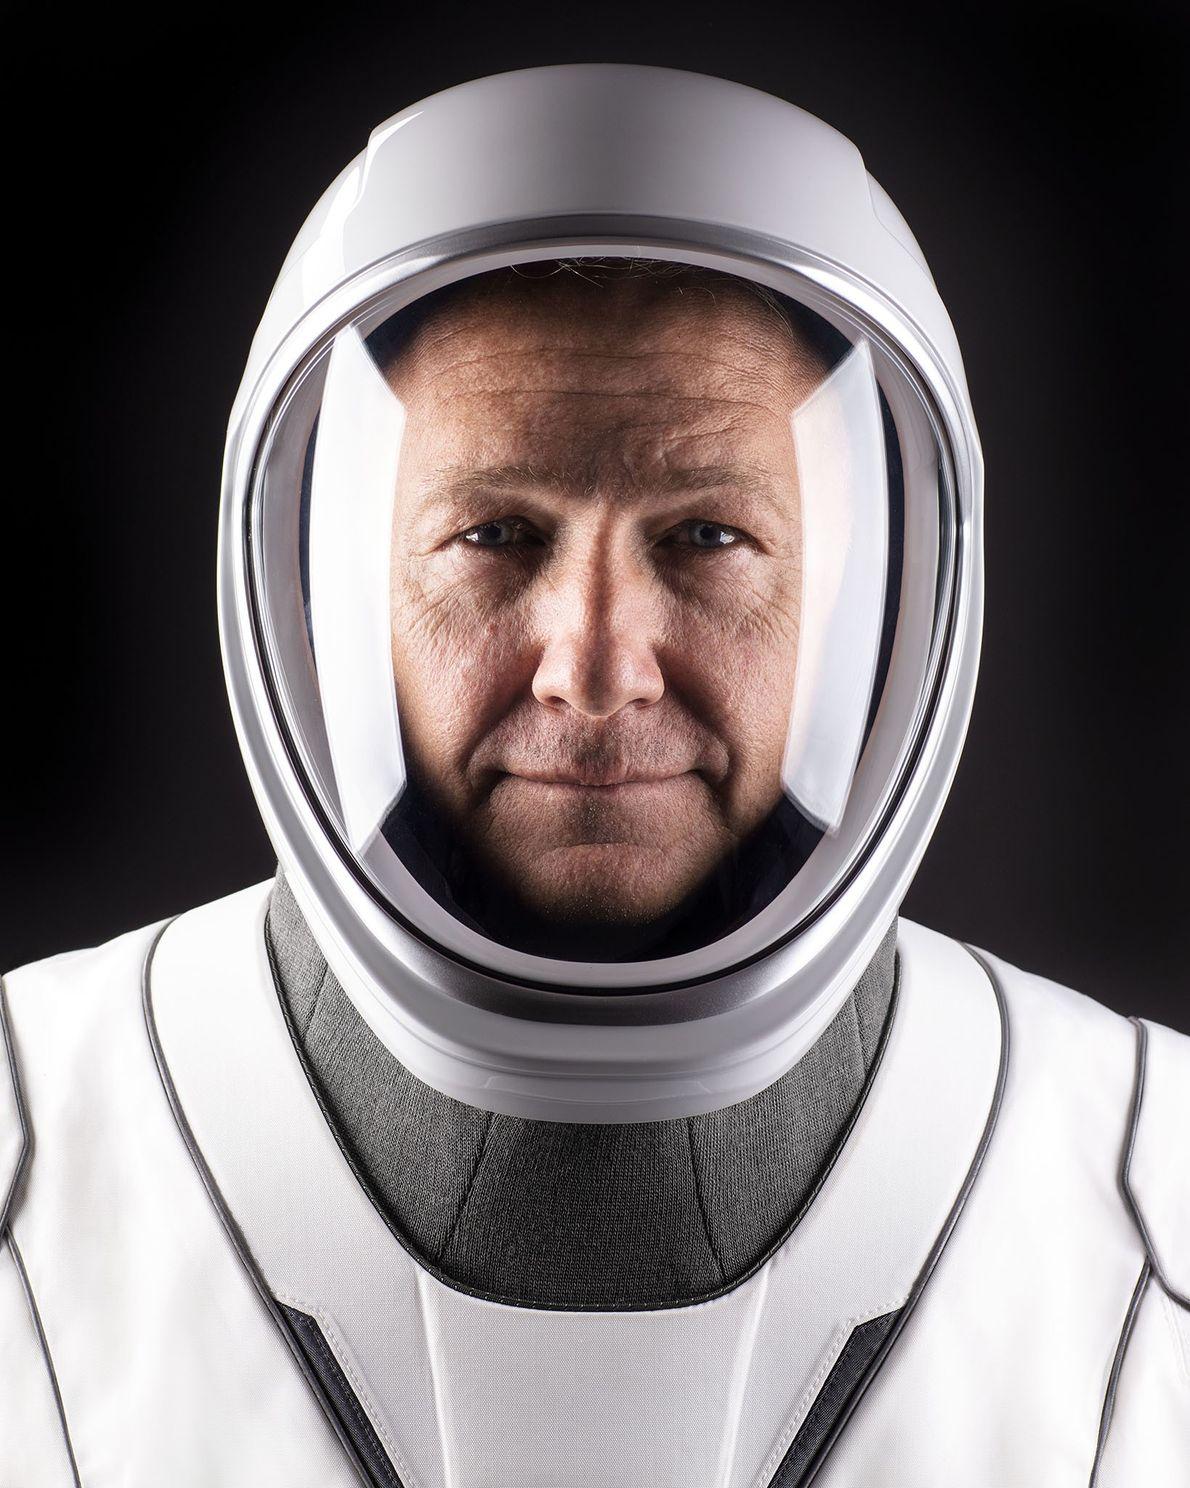 Doug Hurley, comandante da missão Demo-2 com destino à Estação Espacial Internacional.